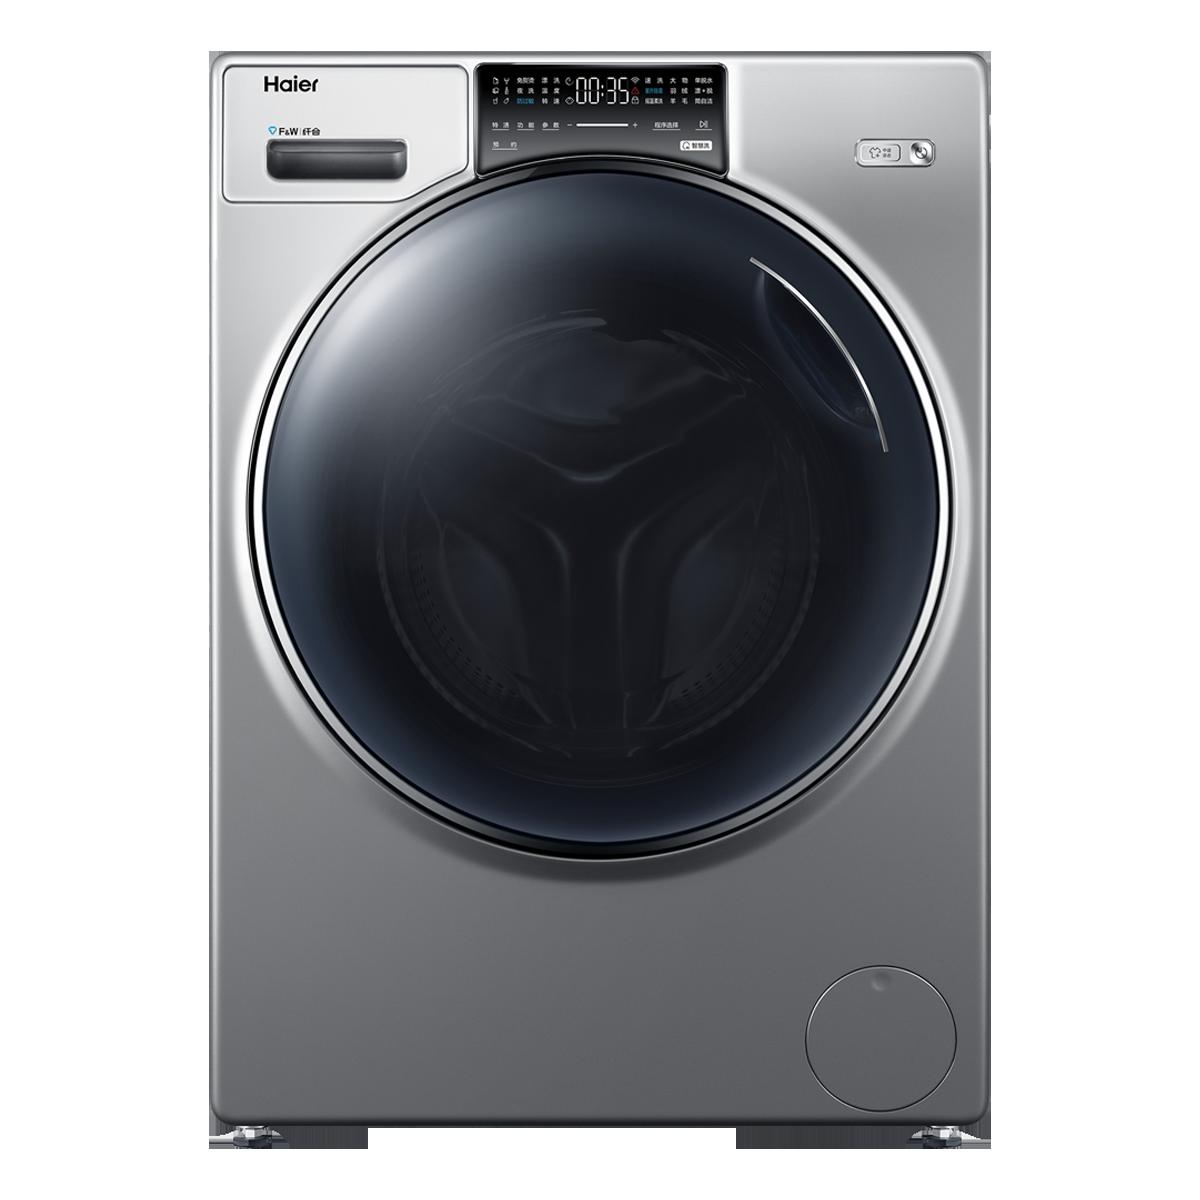 海尔Haier洗衣机 FAW10986LSU1 说明书